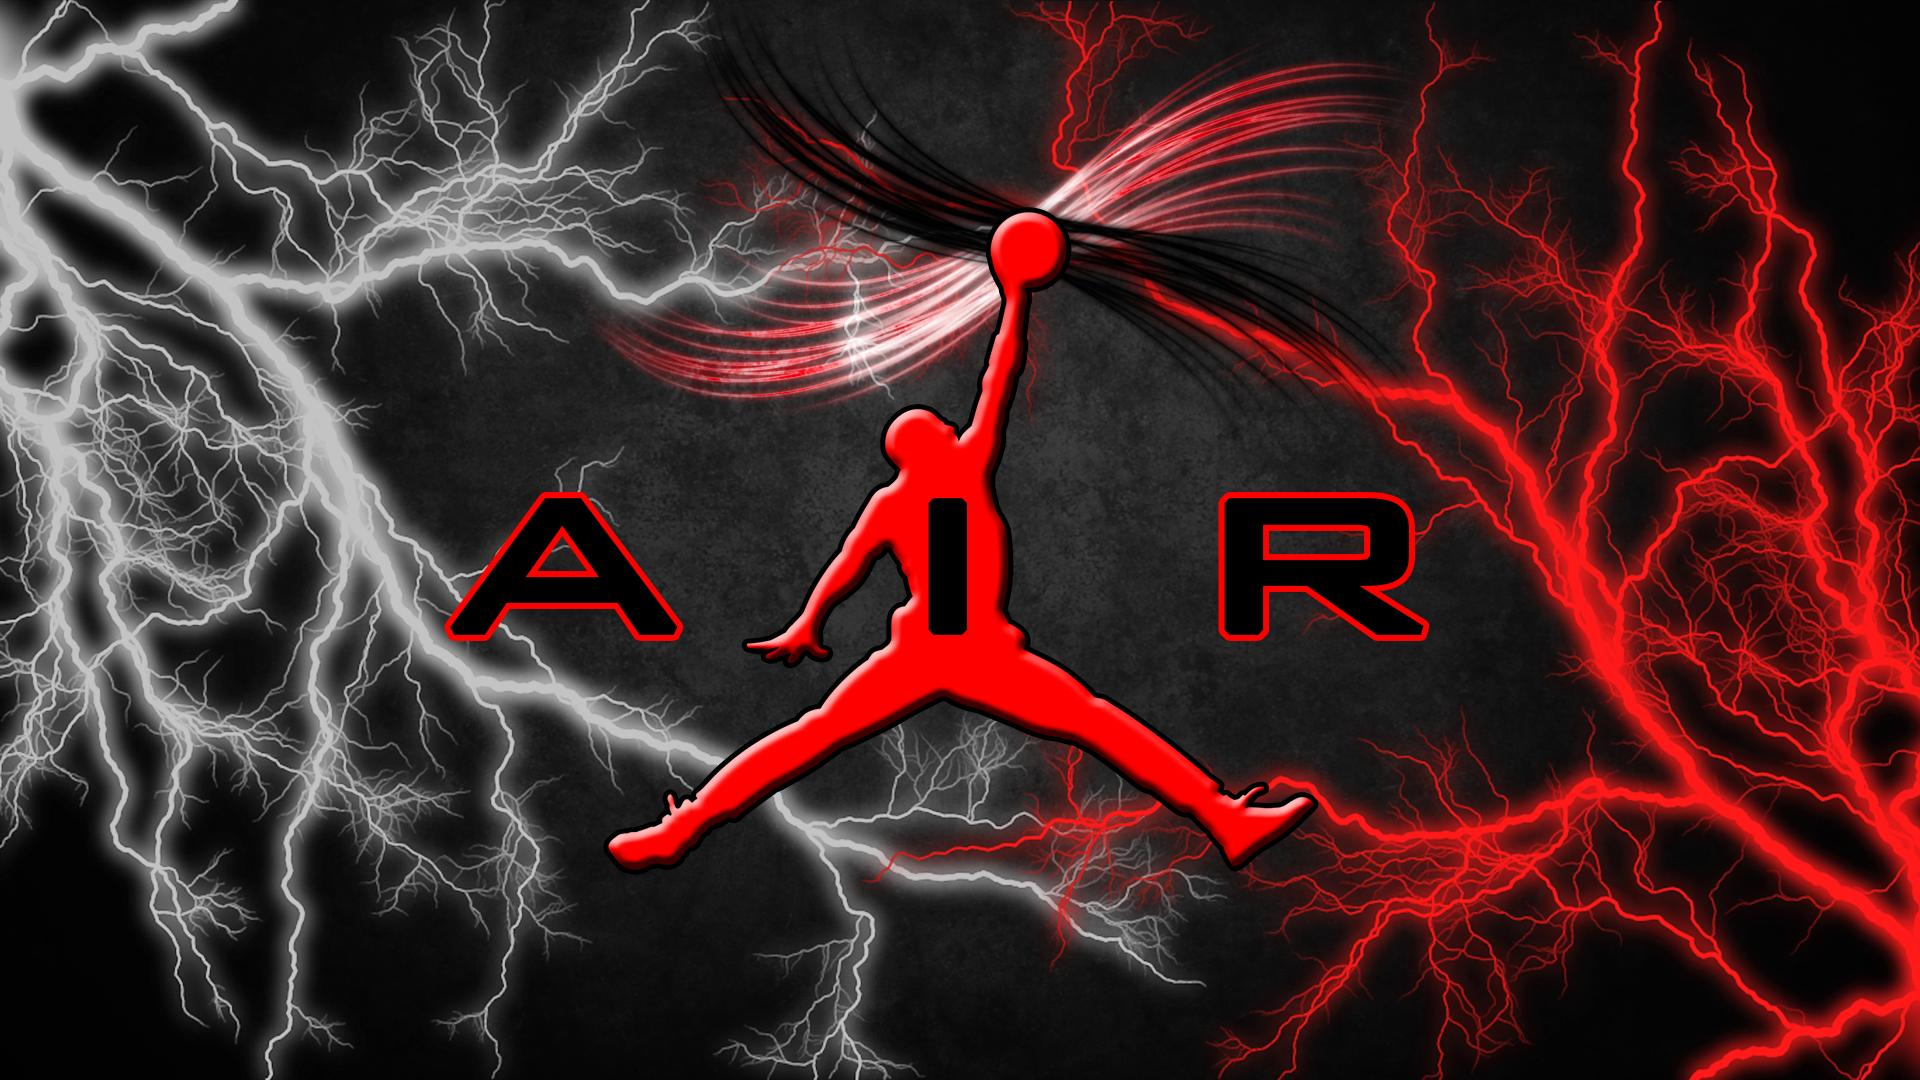 Hd Air Jordan Wallpaper 34 Hd Air Jordan Logo Wallpapers For Free Download